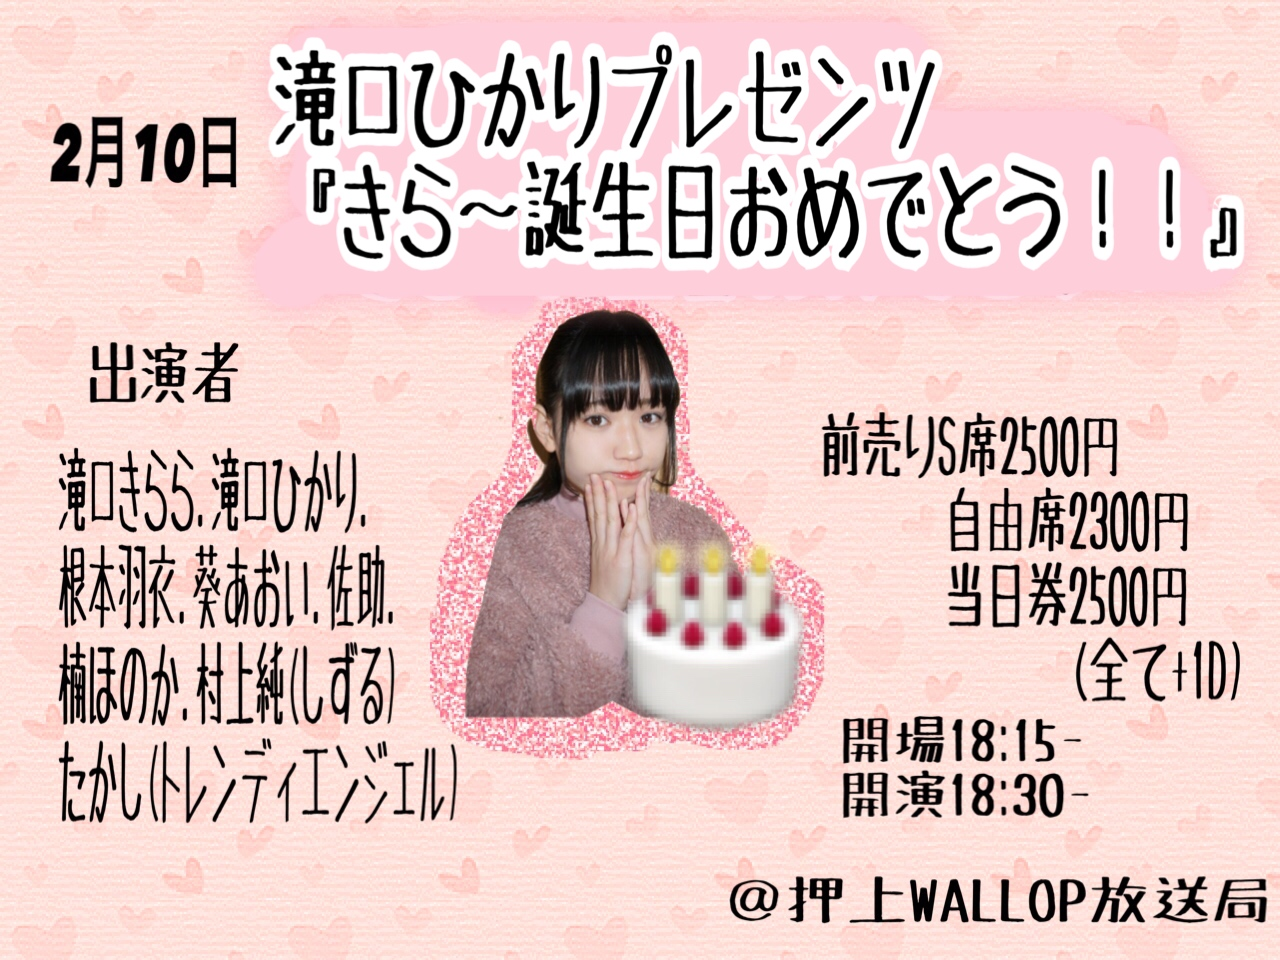 滝口ひかりプレゼンツ『きら〜誕生日おめでとう〜!!』